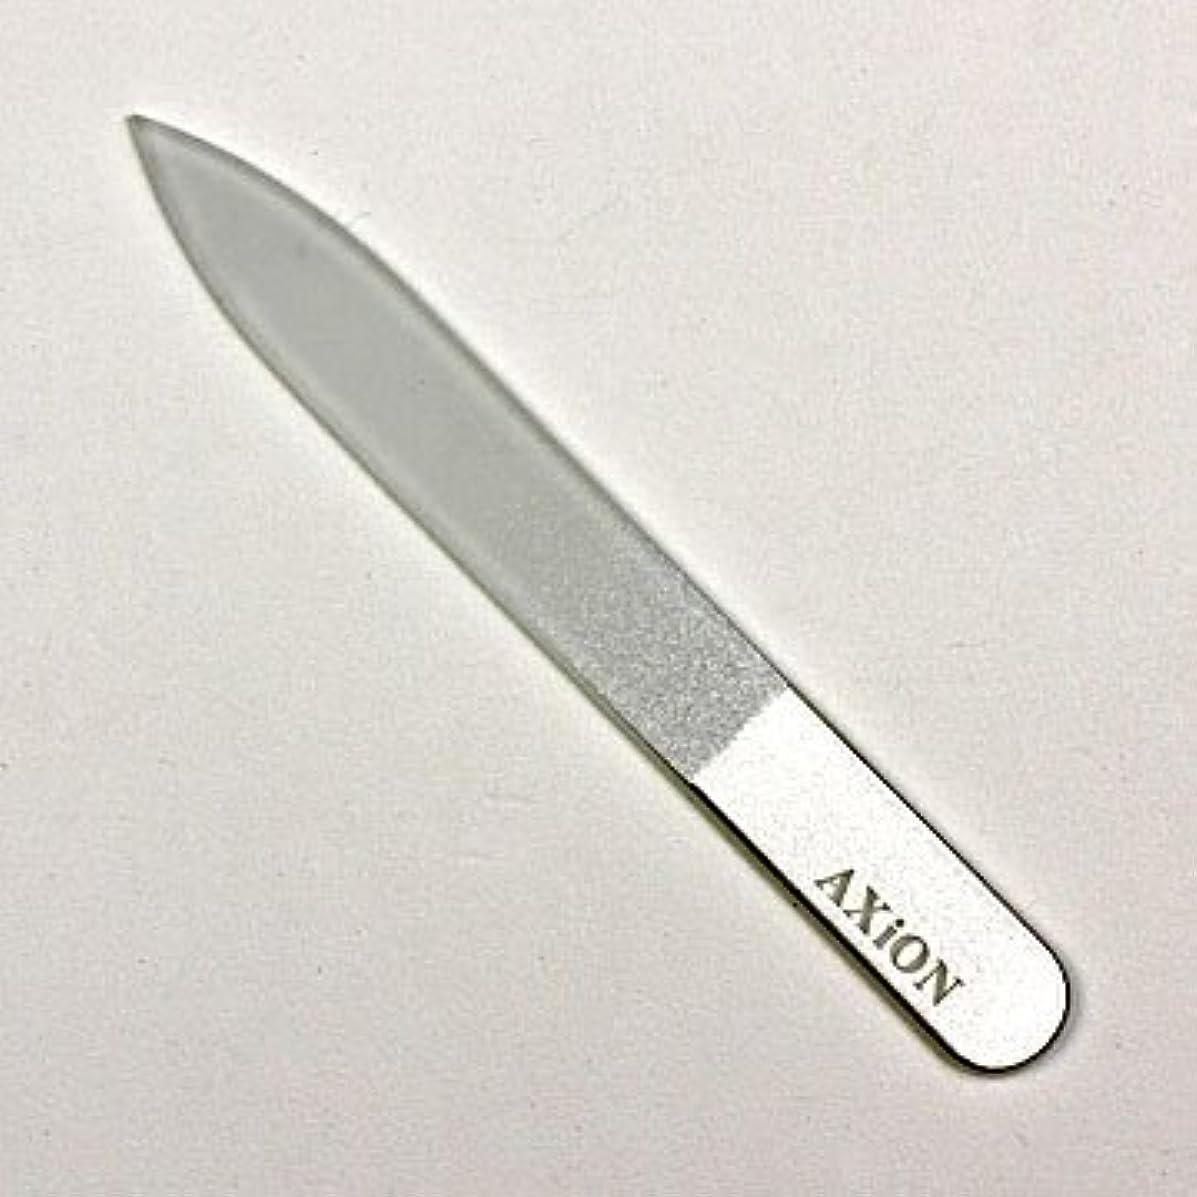 受益者科学的皿チェコ製 AXiON(アクシオン)ガラス製爪ヤスリ(シルバー)両面タイプ #slg009565fba